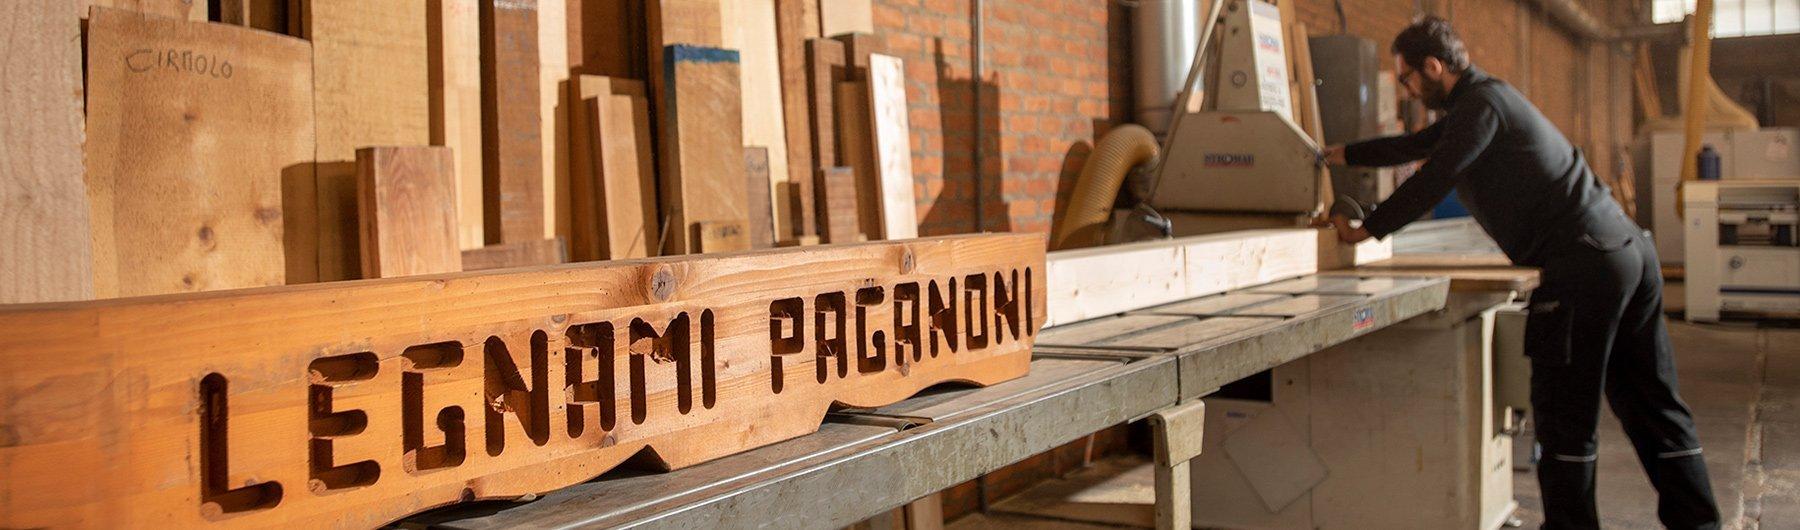 Le nostre lavorazioni - Legnami Paganoni